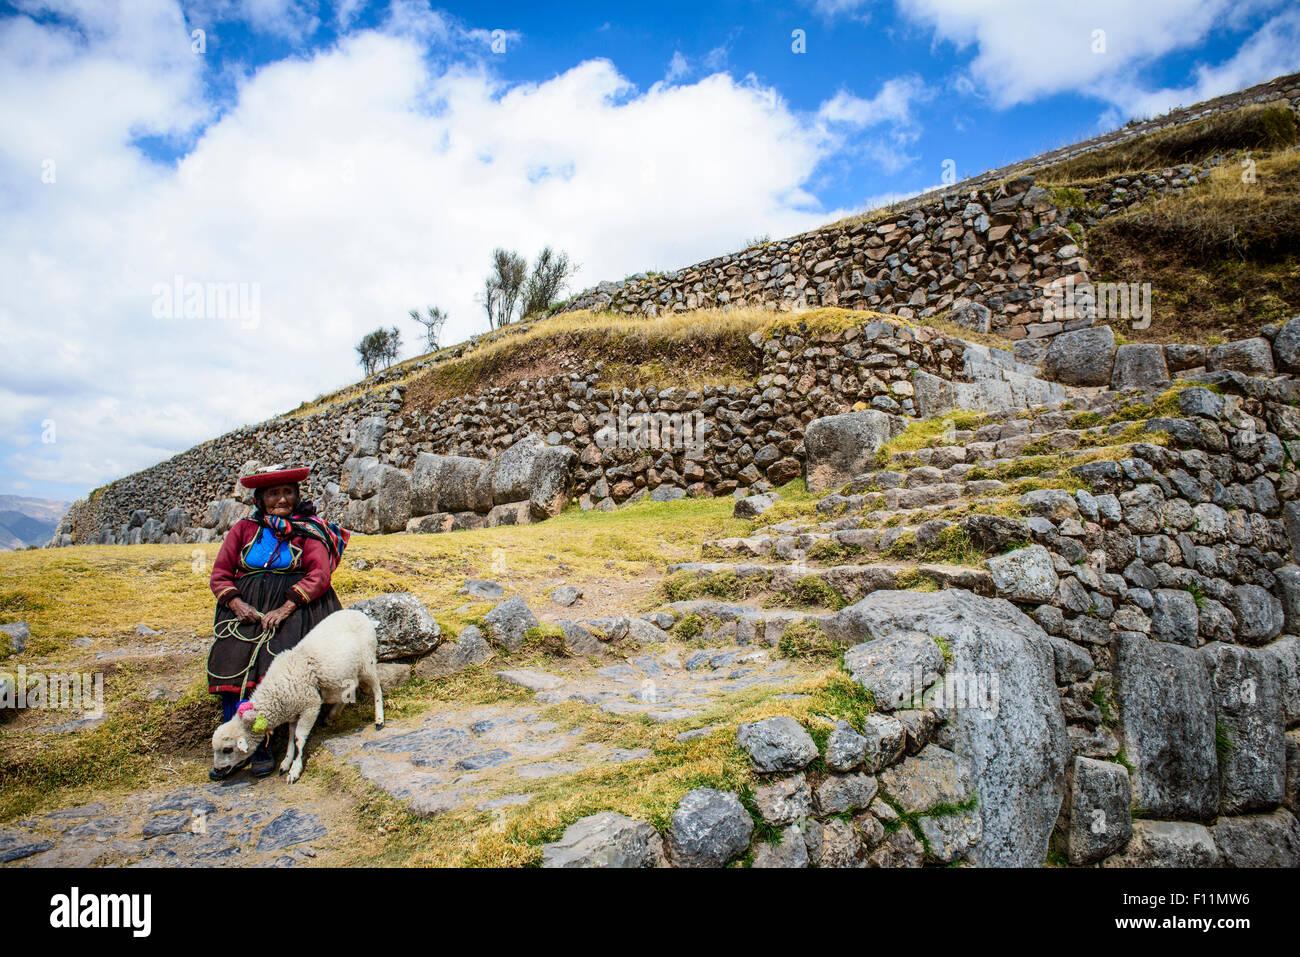 Ältere Hispanic Frau zu Fuß Lama auf steinernen Stufen Stockbild